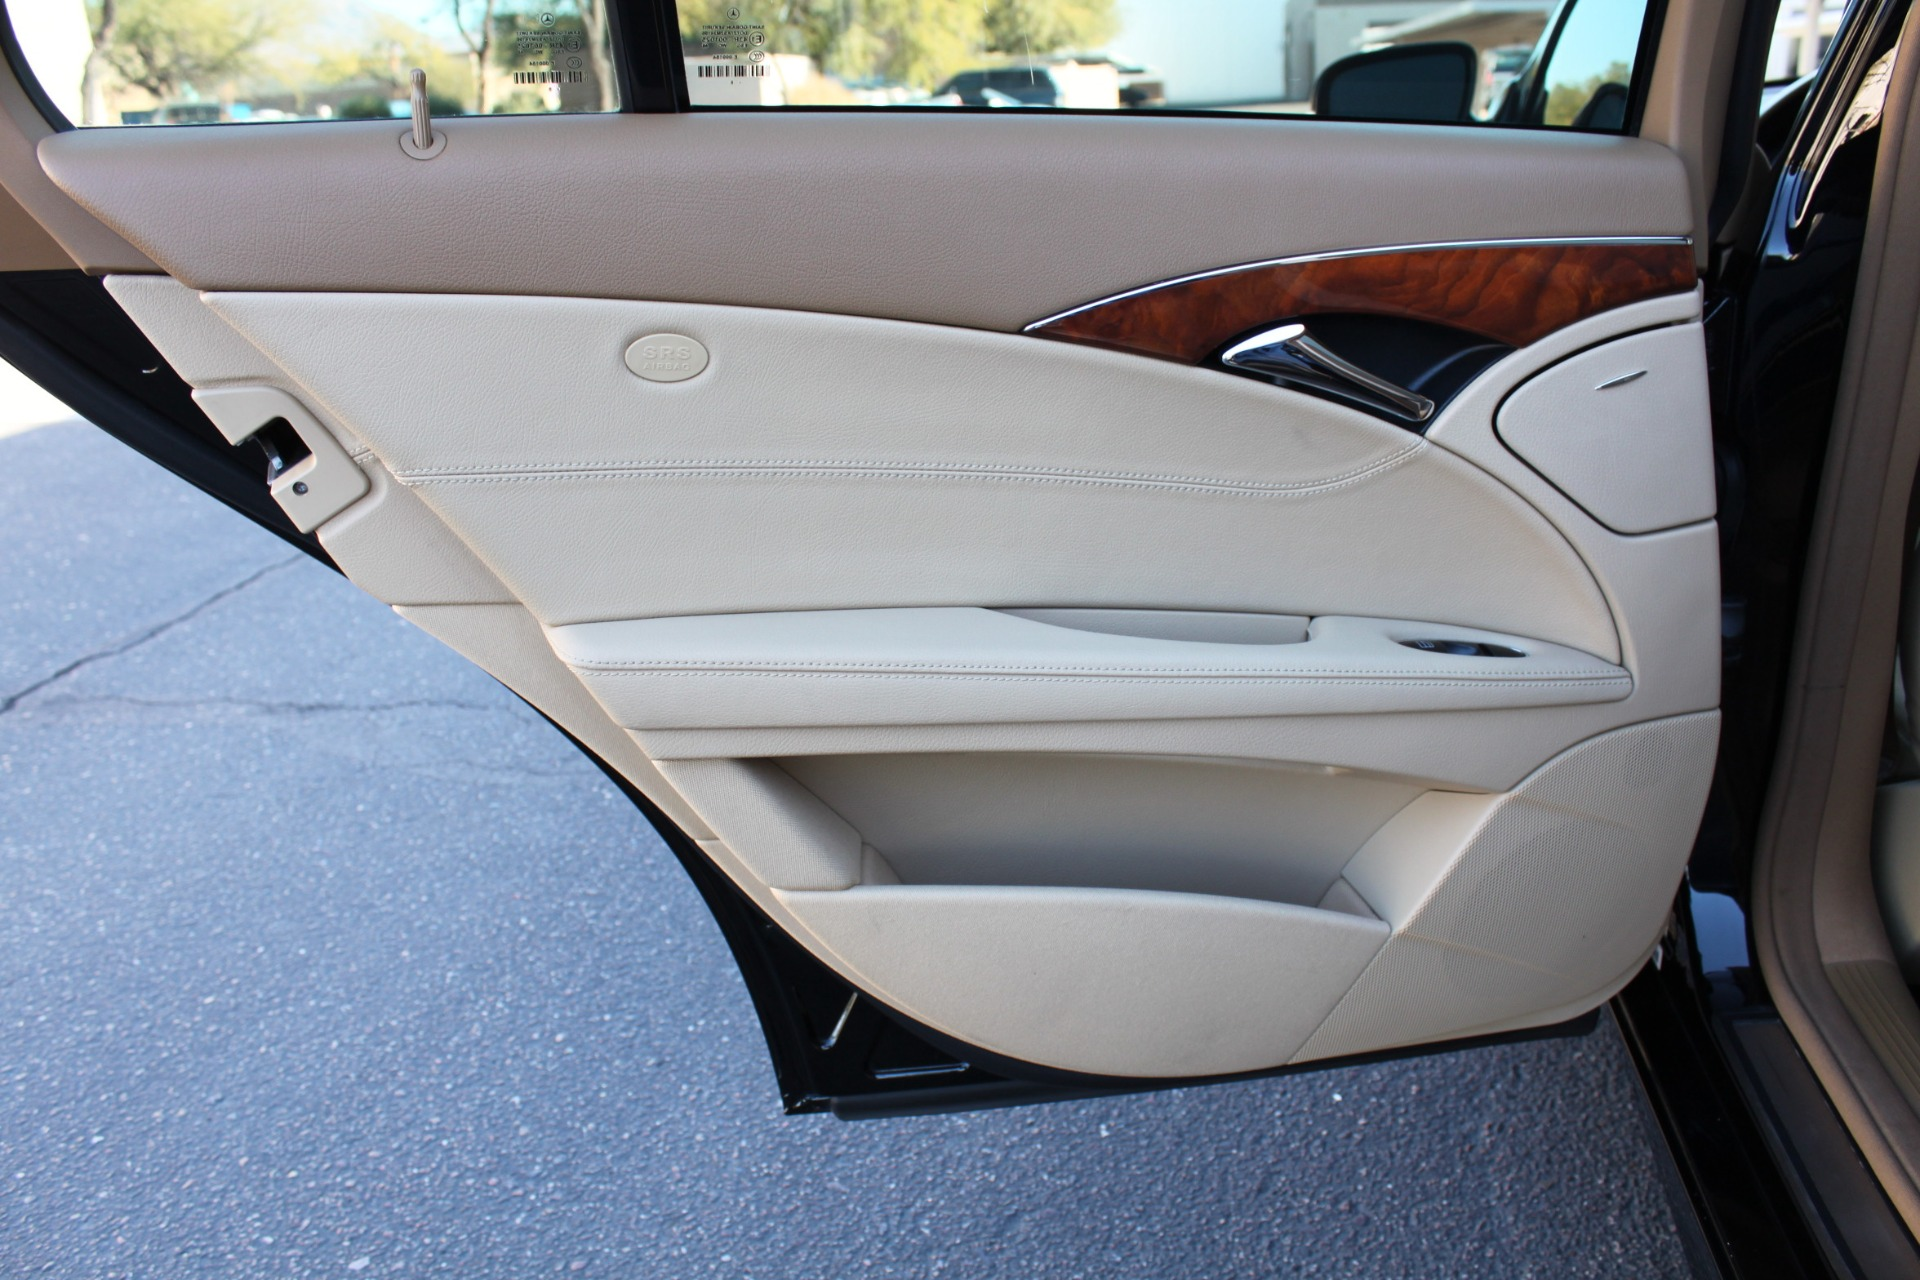 Used-2009-Mercedes-Benz-E-Class-E320-30L-BlueTEC-Acura